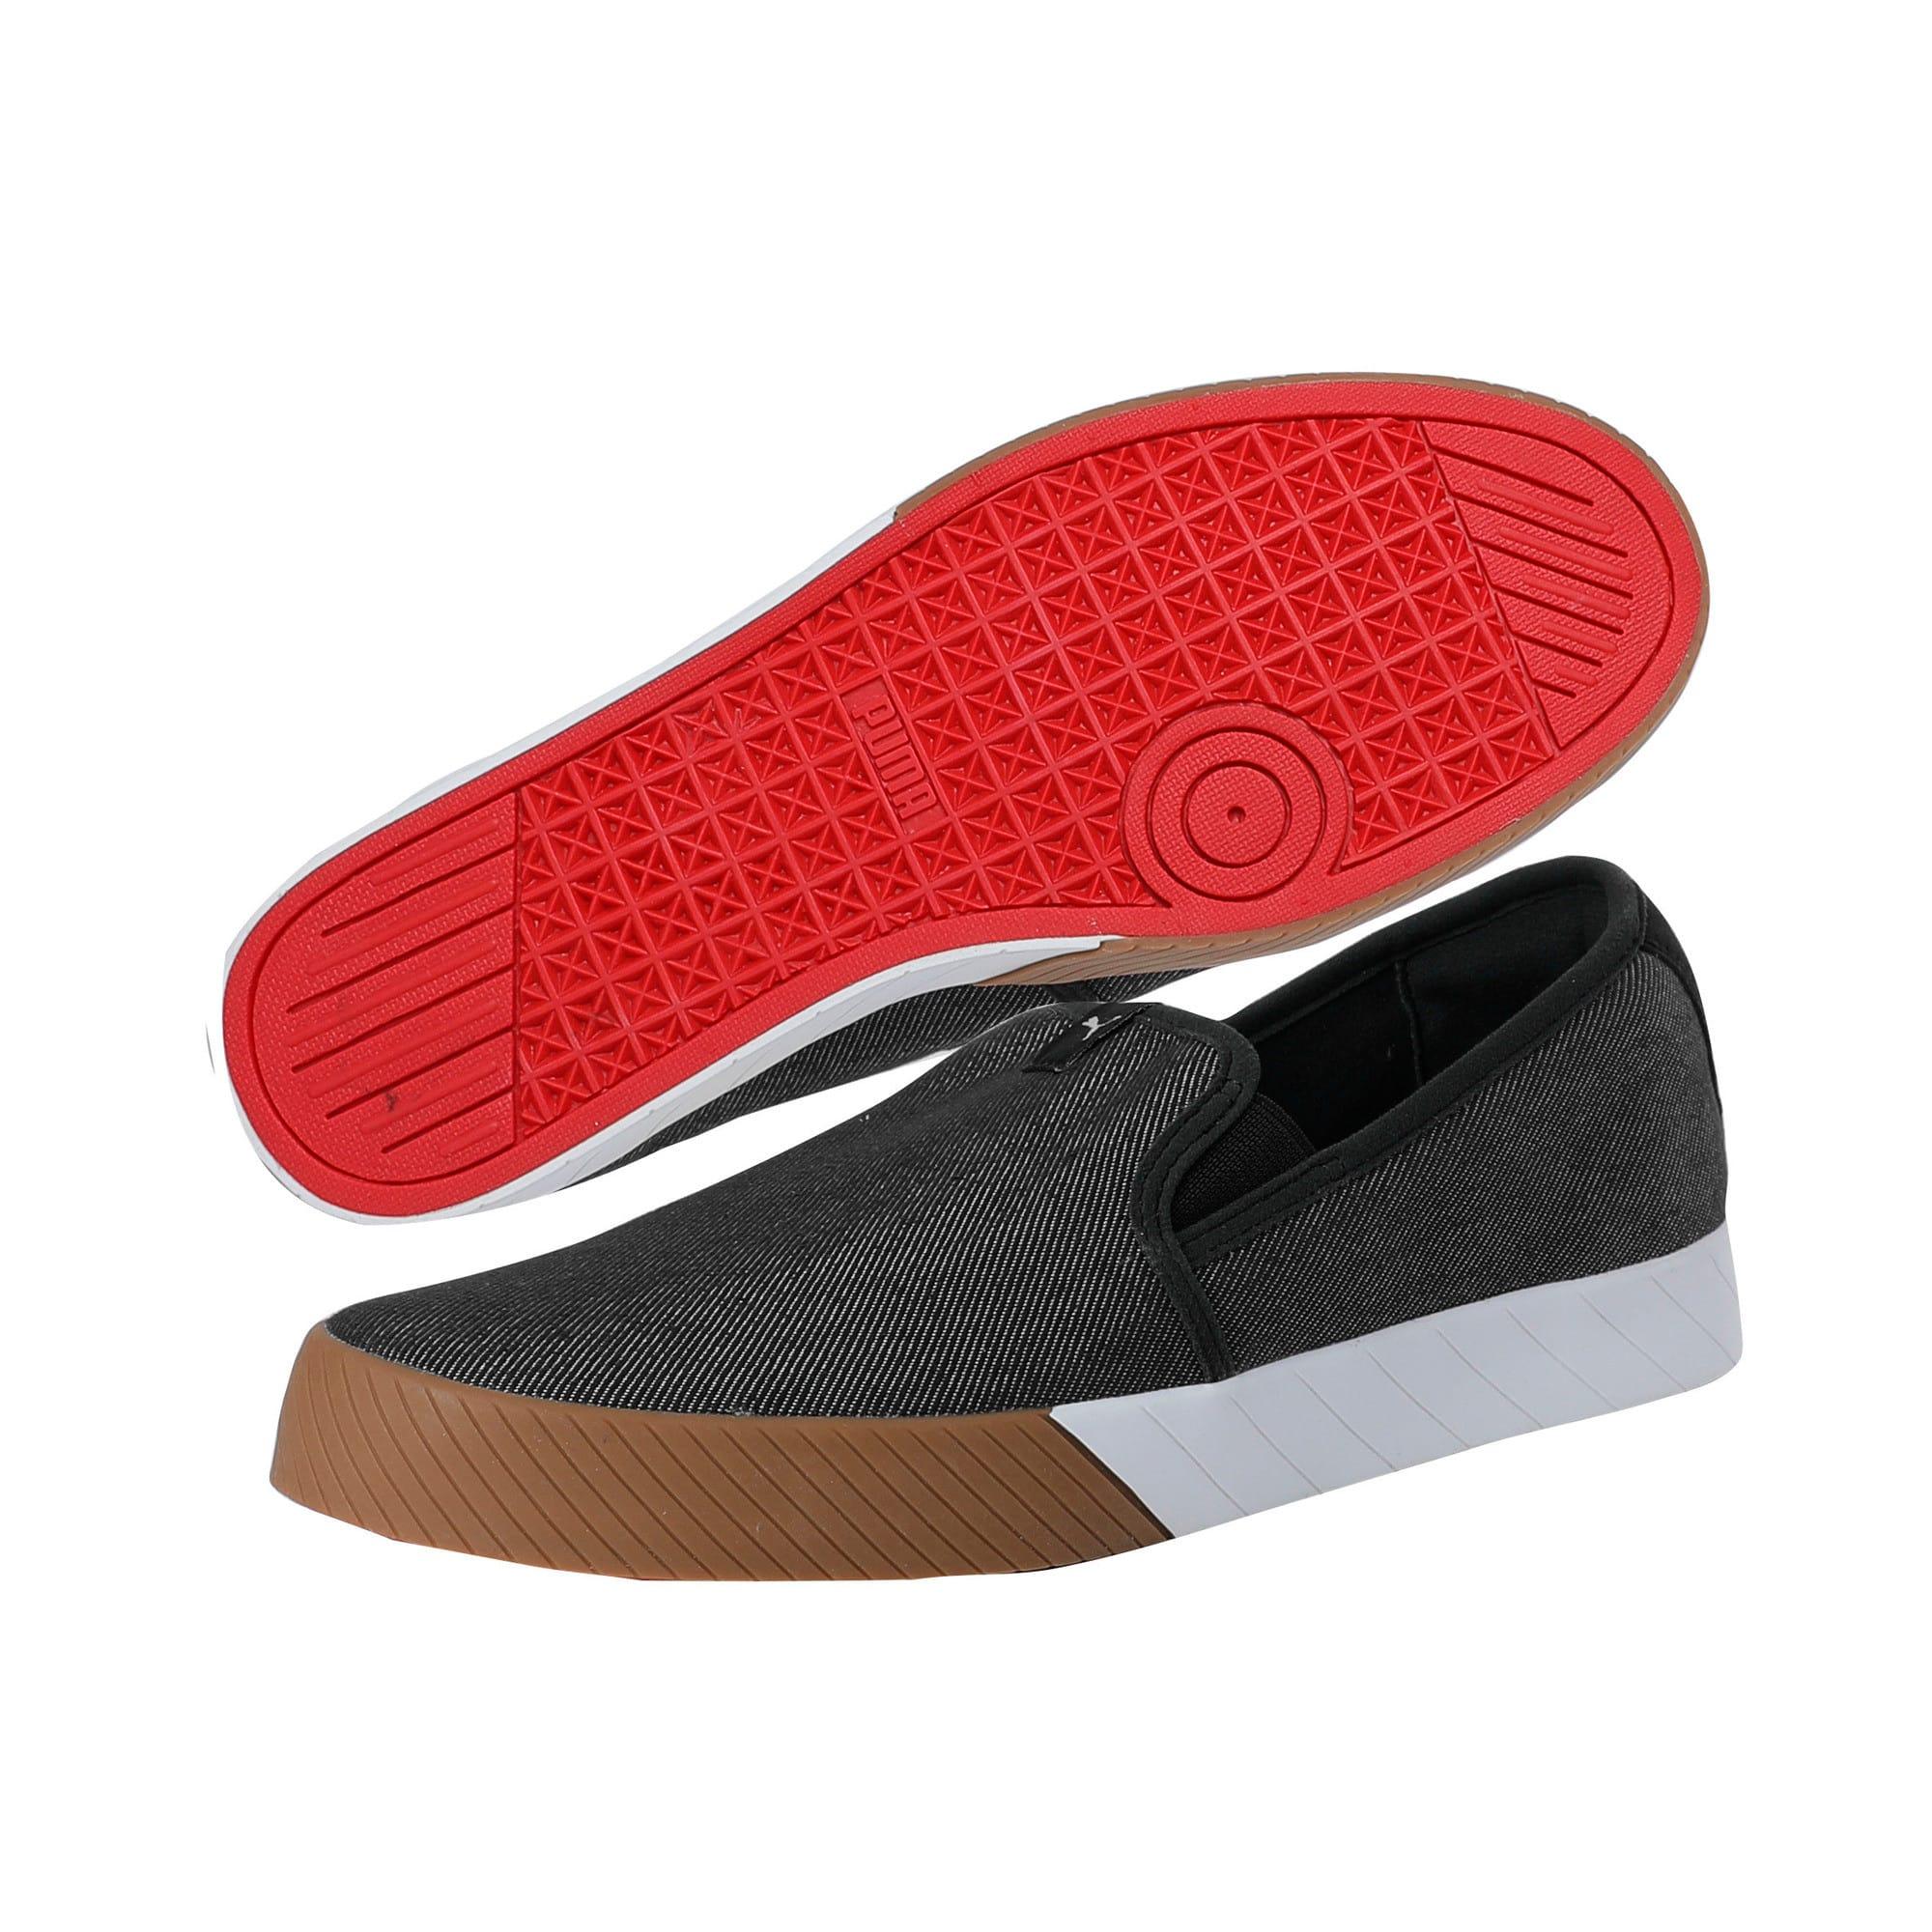 Thumbnail 2 of SF Slip On Track, Puma Black-Puma Black, medium-IND